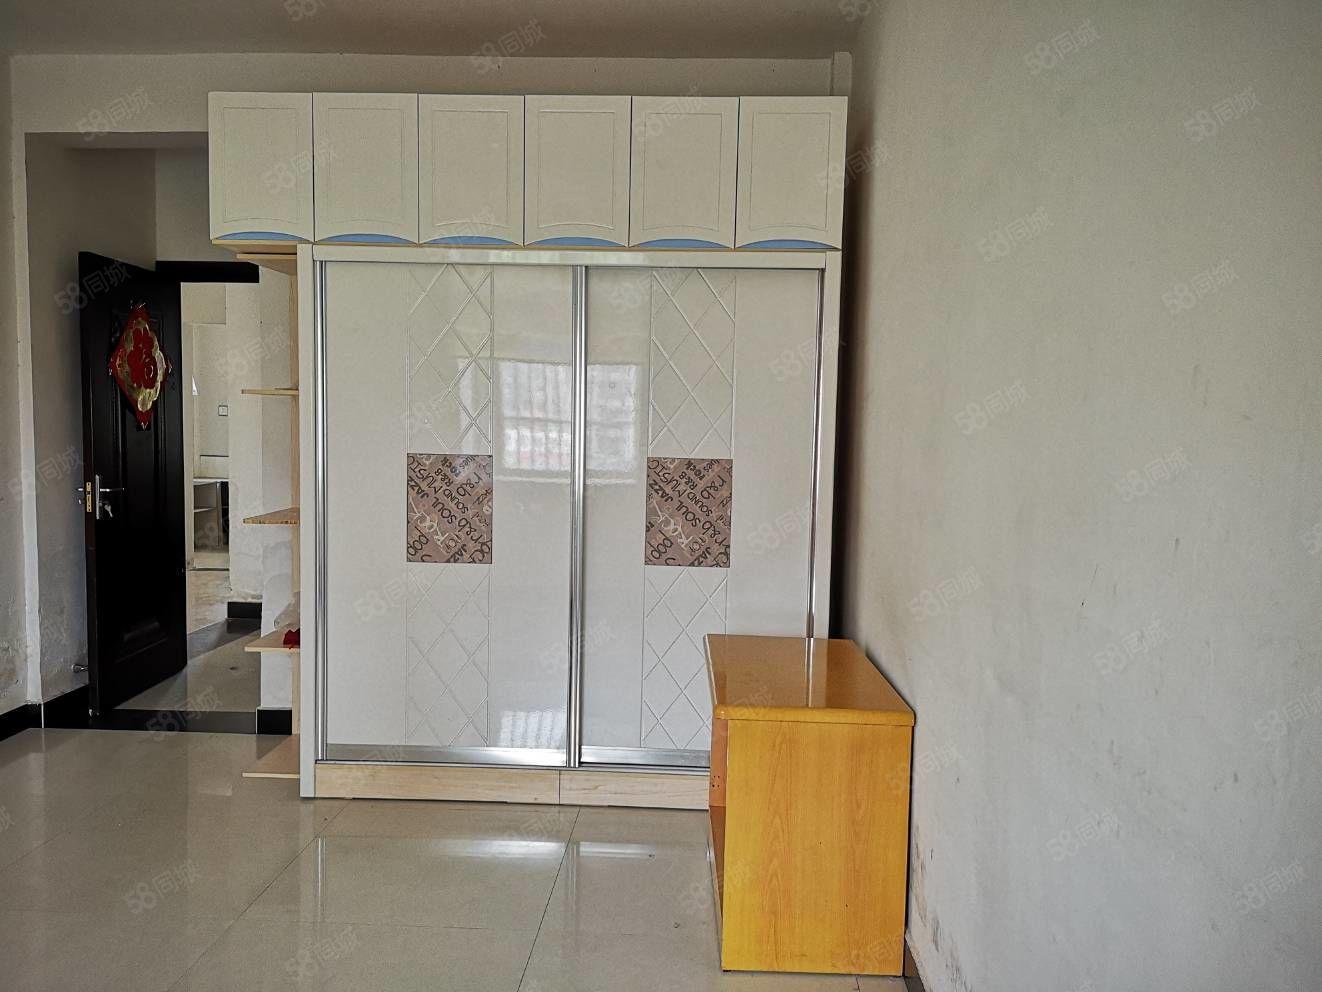 祥和莊園二期新一中附近簡單裝修兩室一廳價格可以